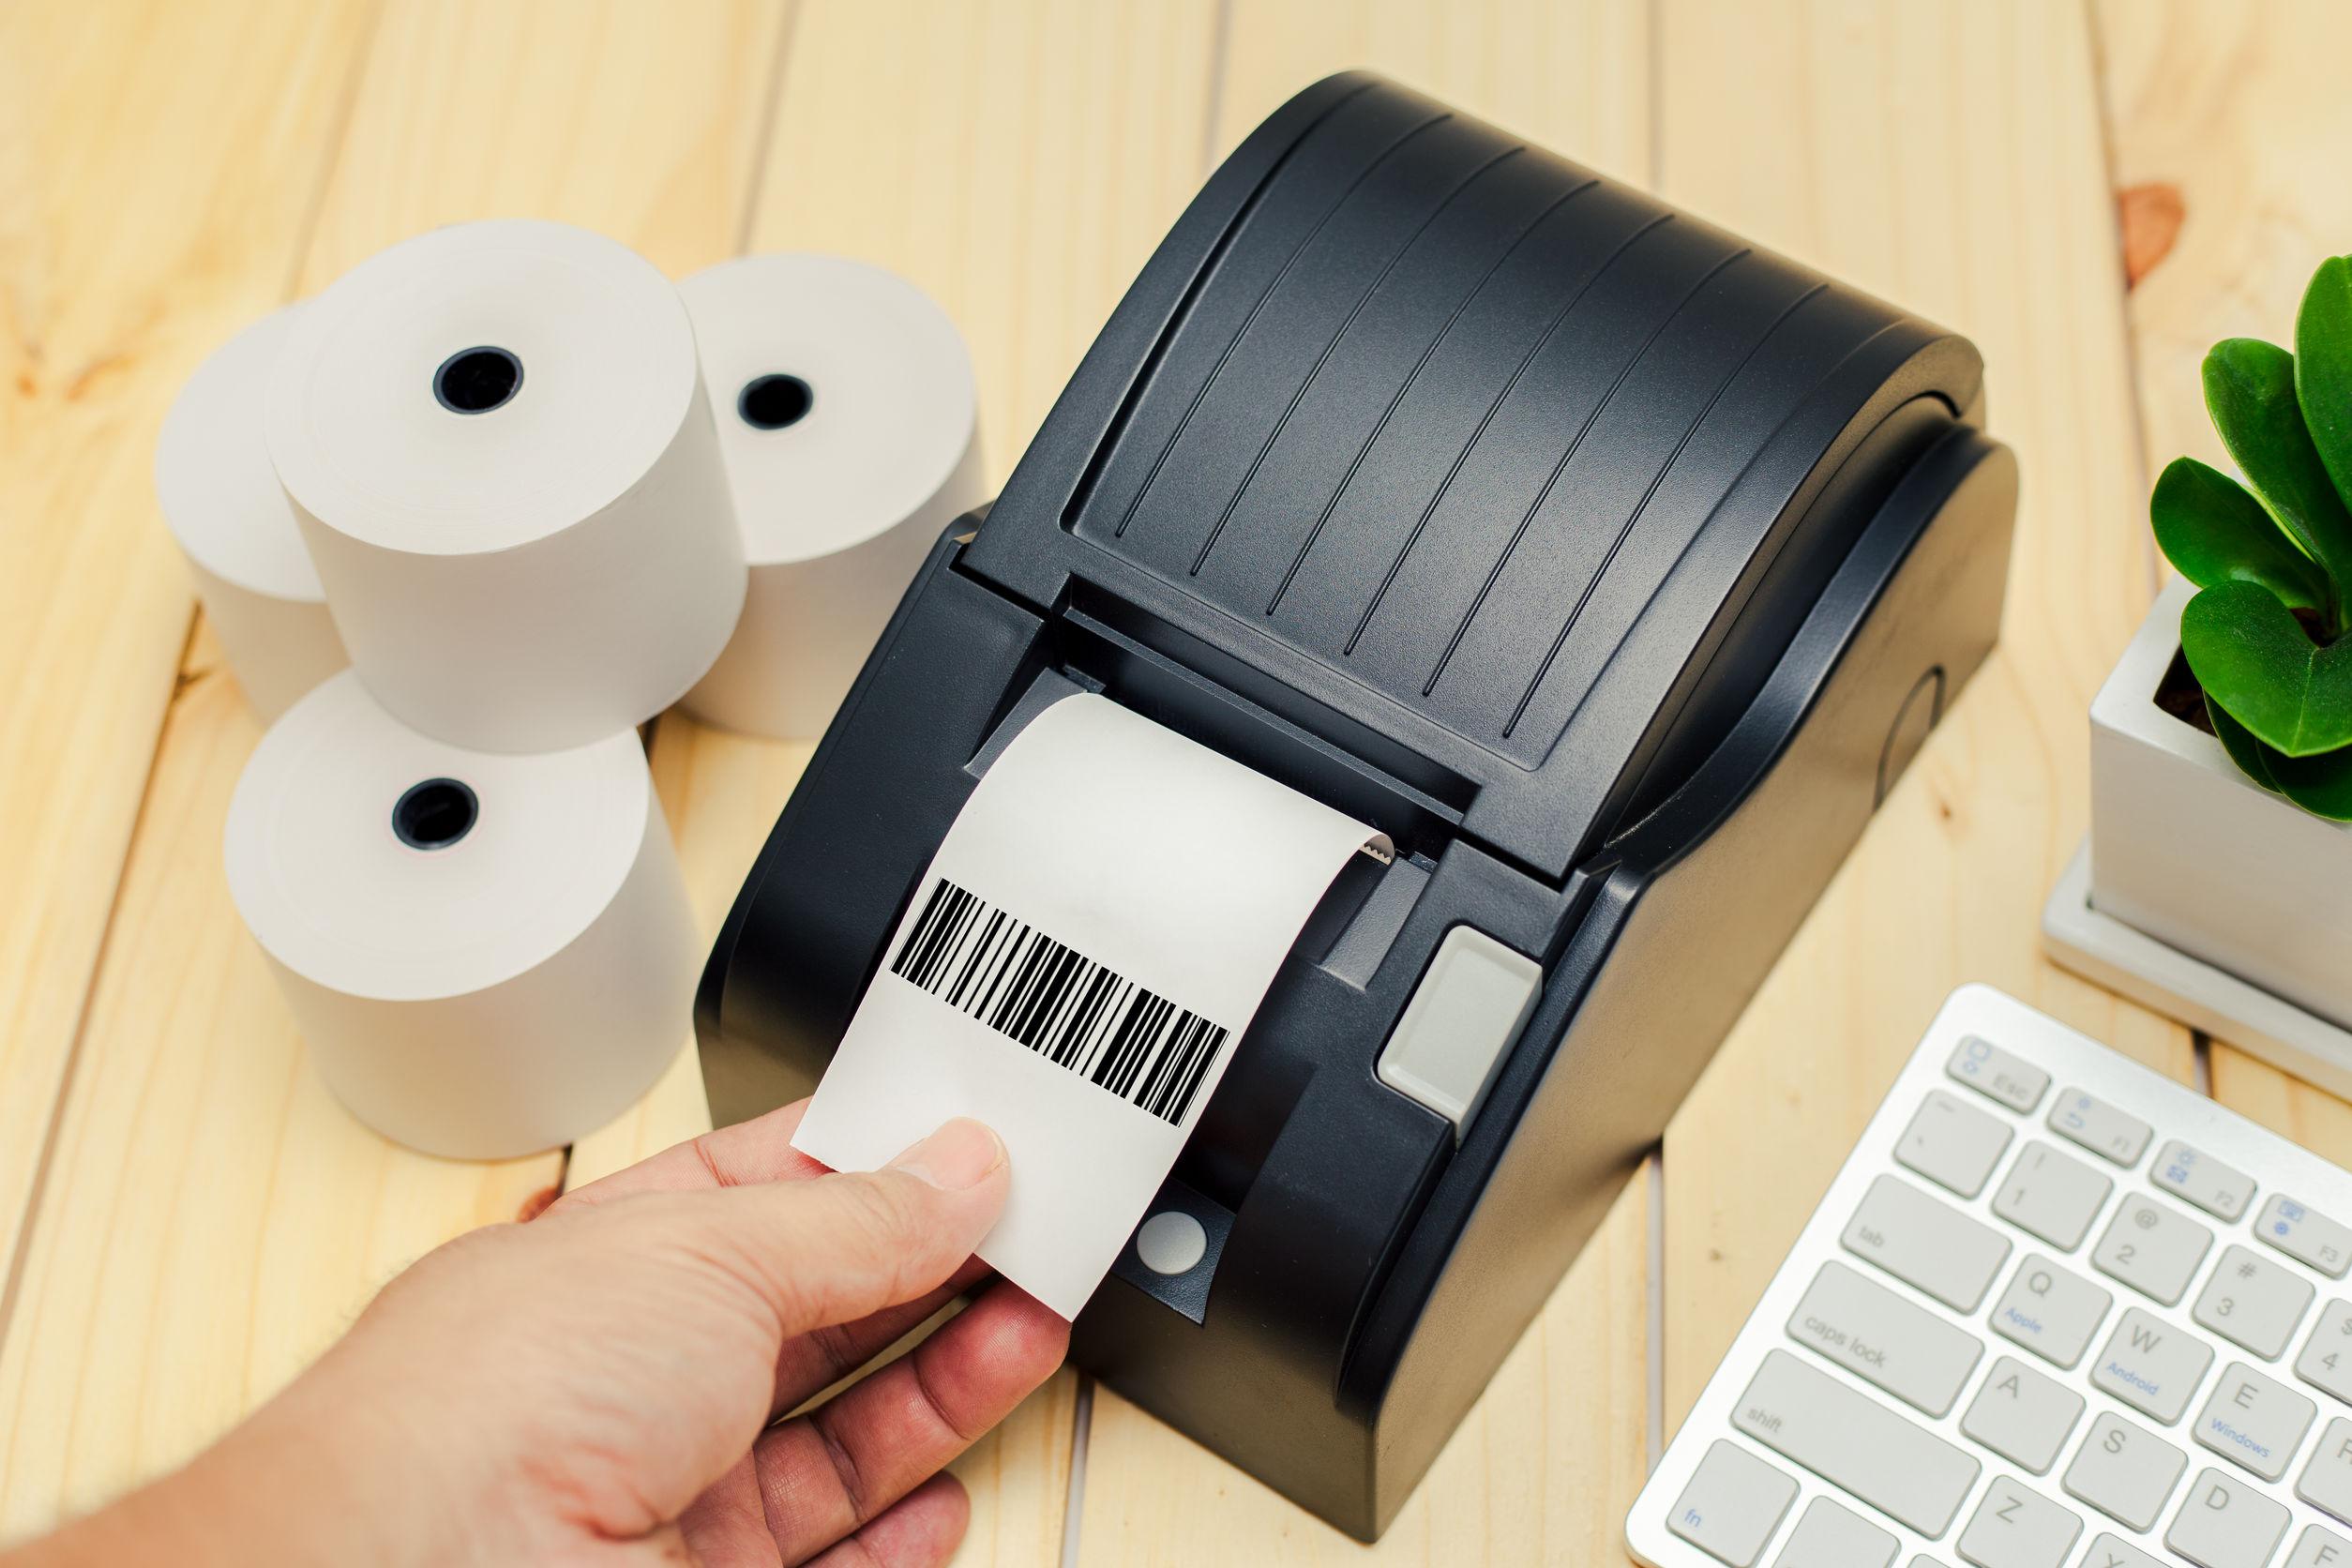 Imagem mostra uma pessoa apertando um botão de uma impressora térmica.